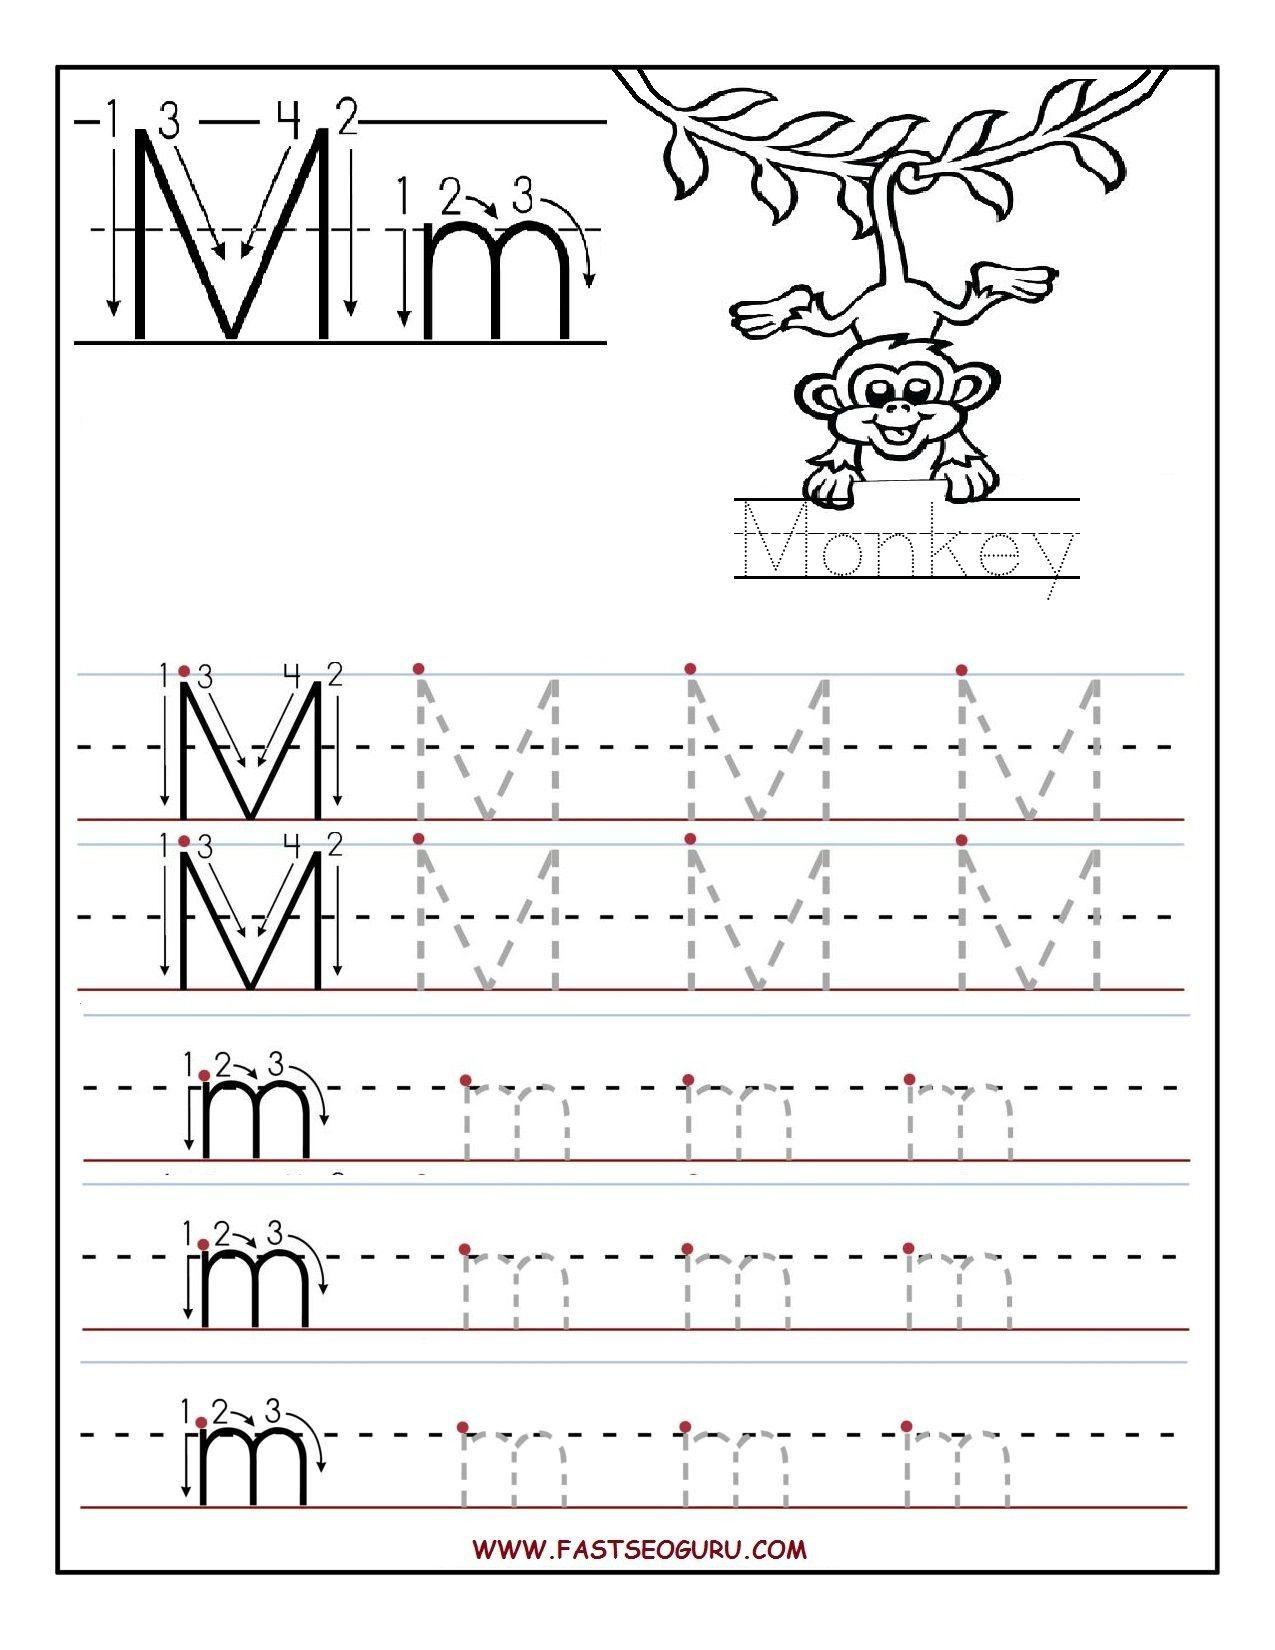 3 Worksheet Free Preschool Kindergarten Worksheets Letters